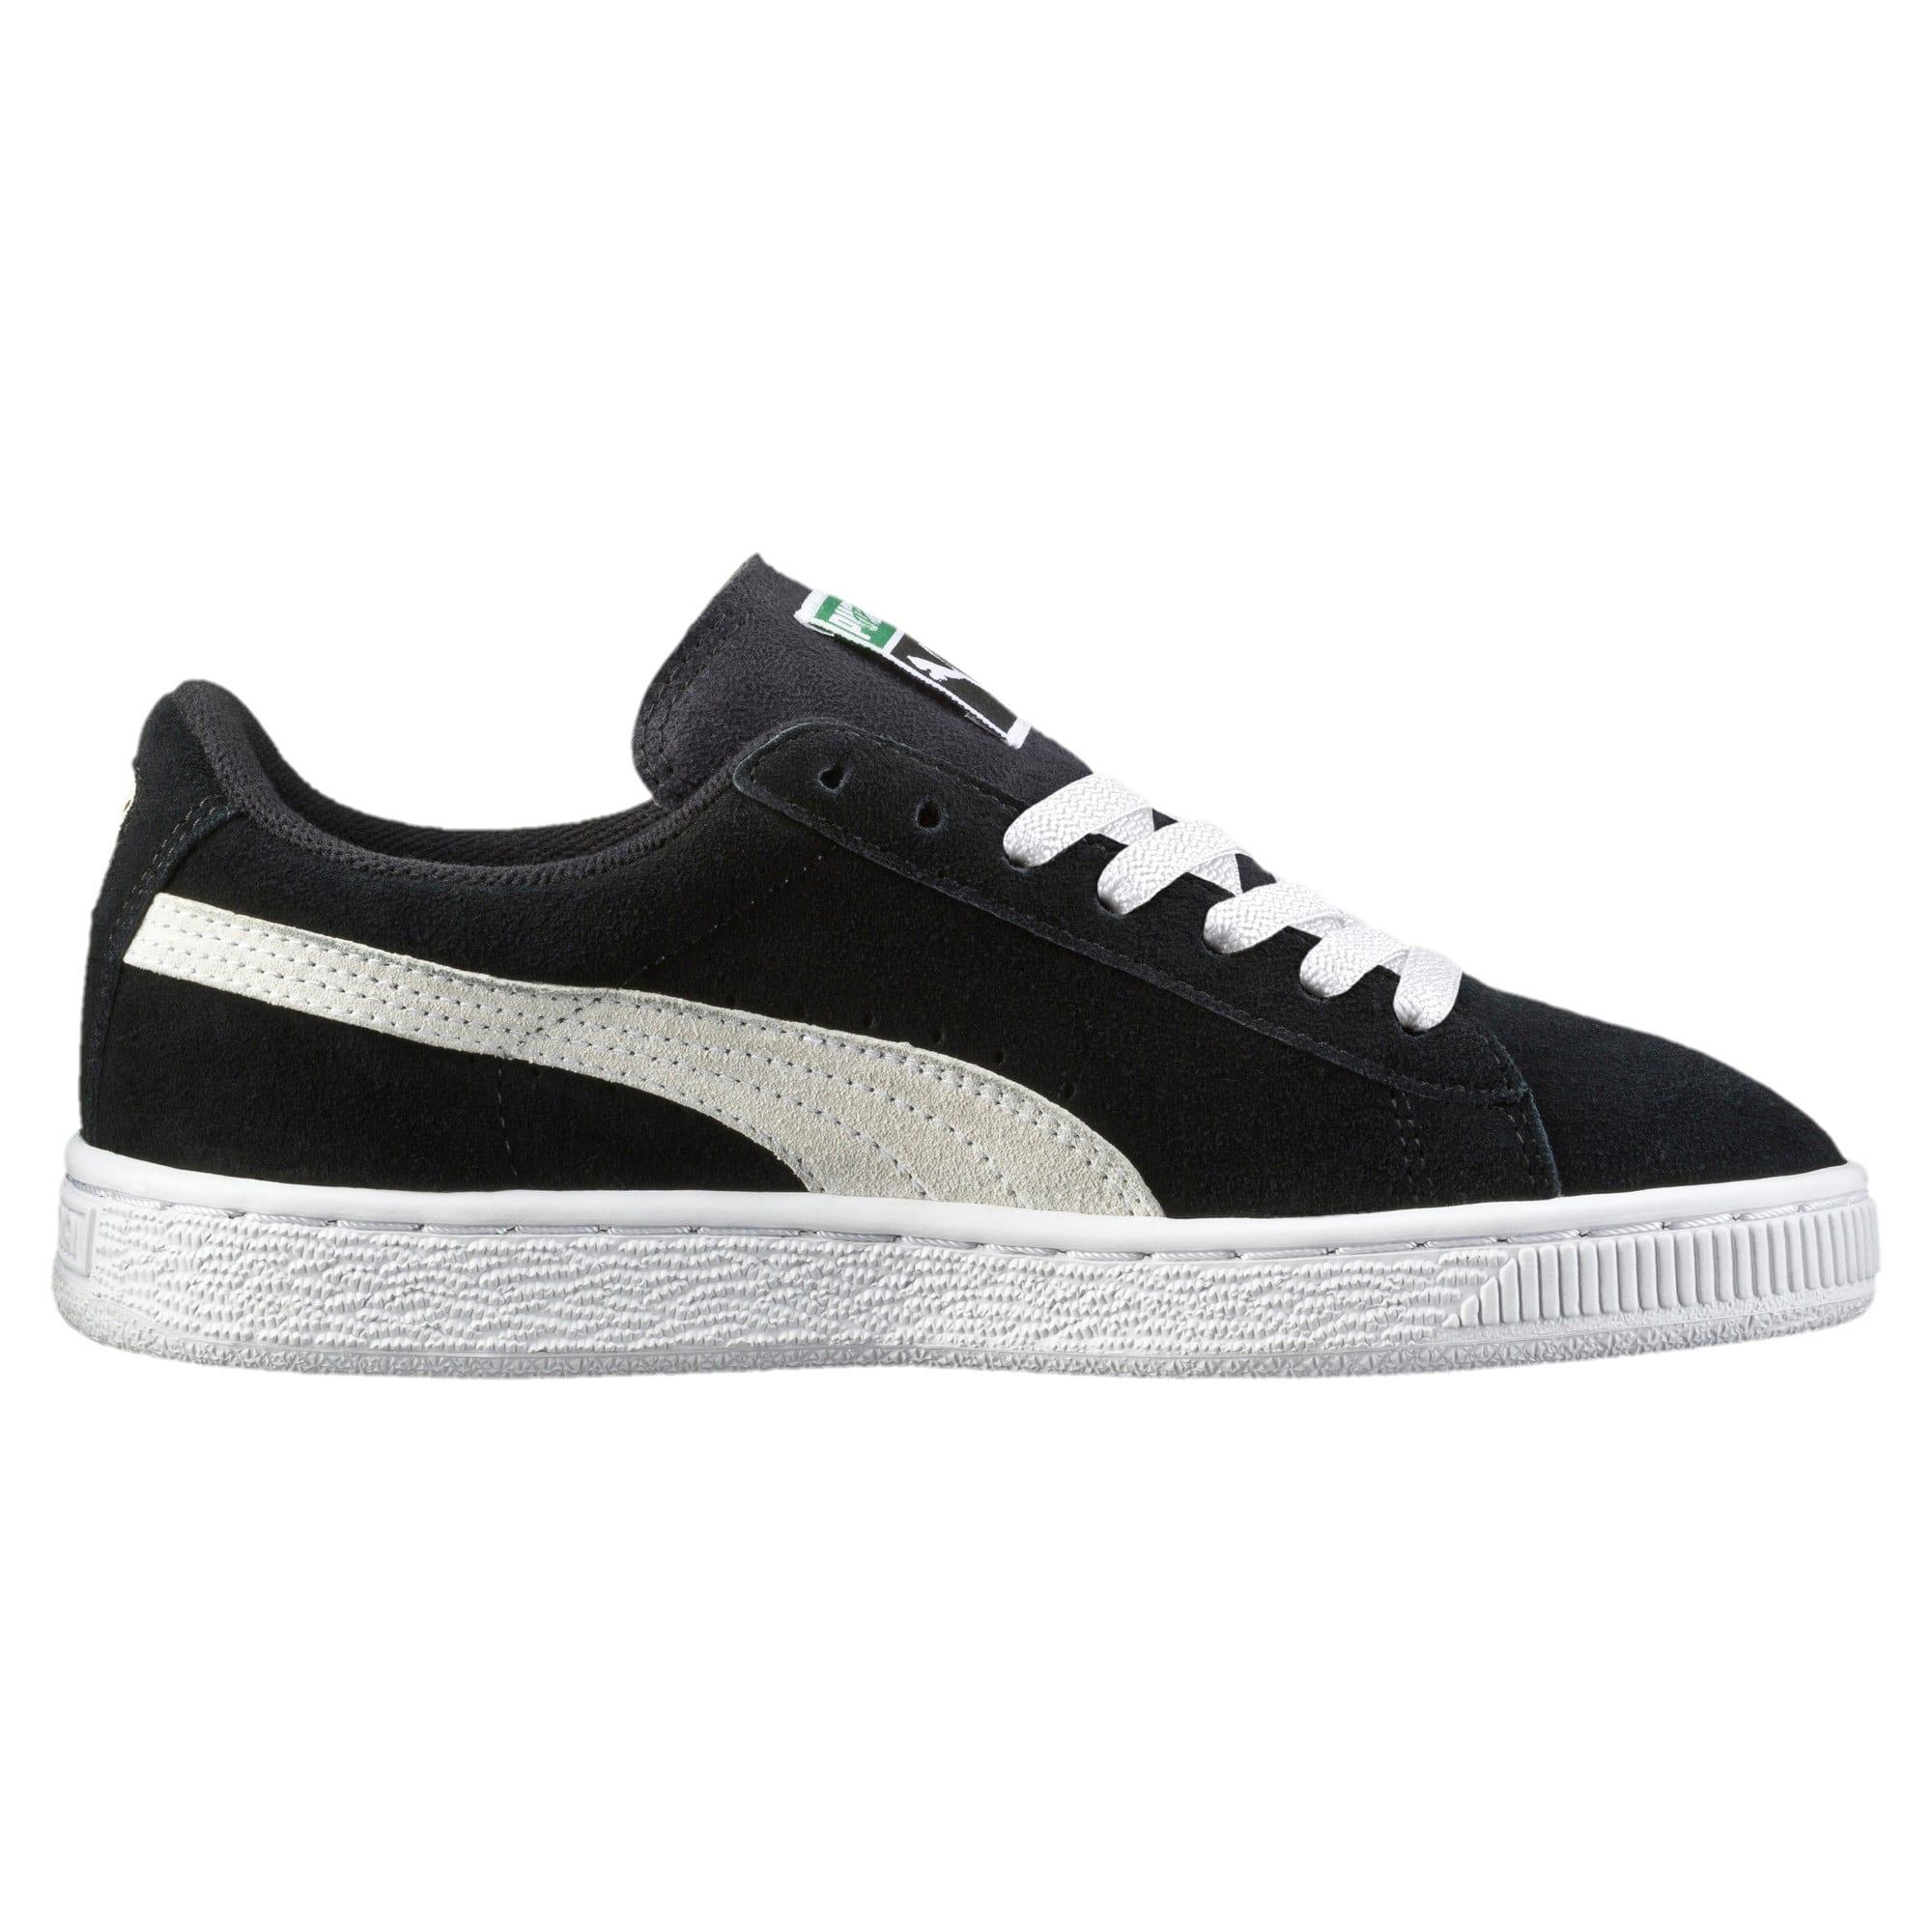 Imagen en miniatura 3 de Zapatillas de niño Suede, Puma Black-Puma White, mediana